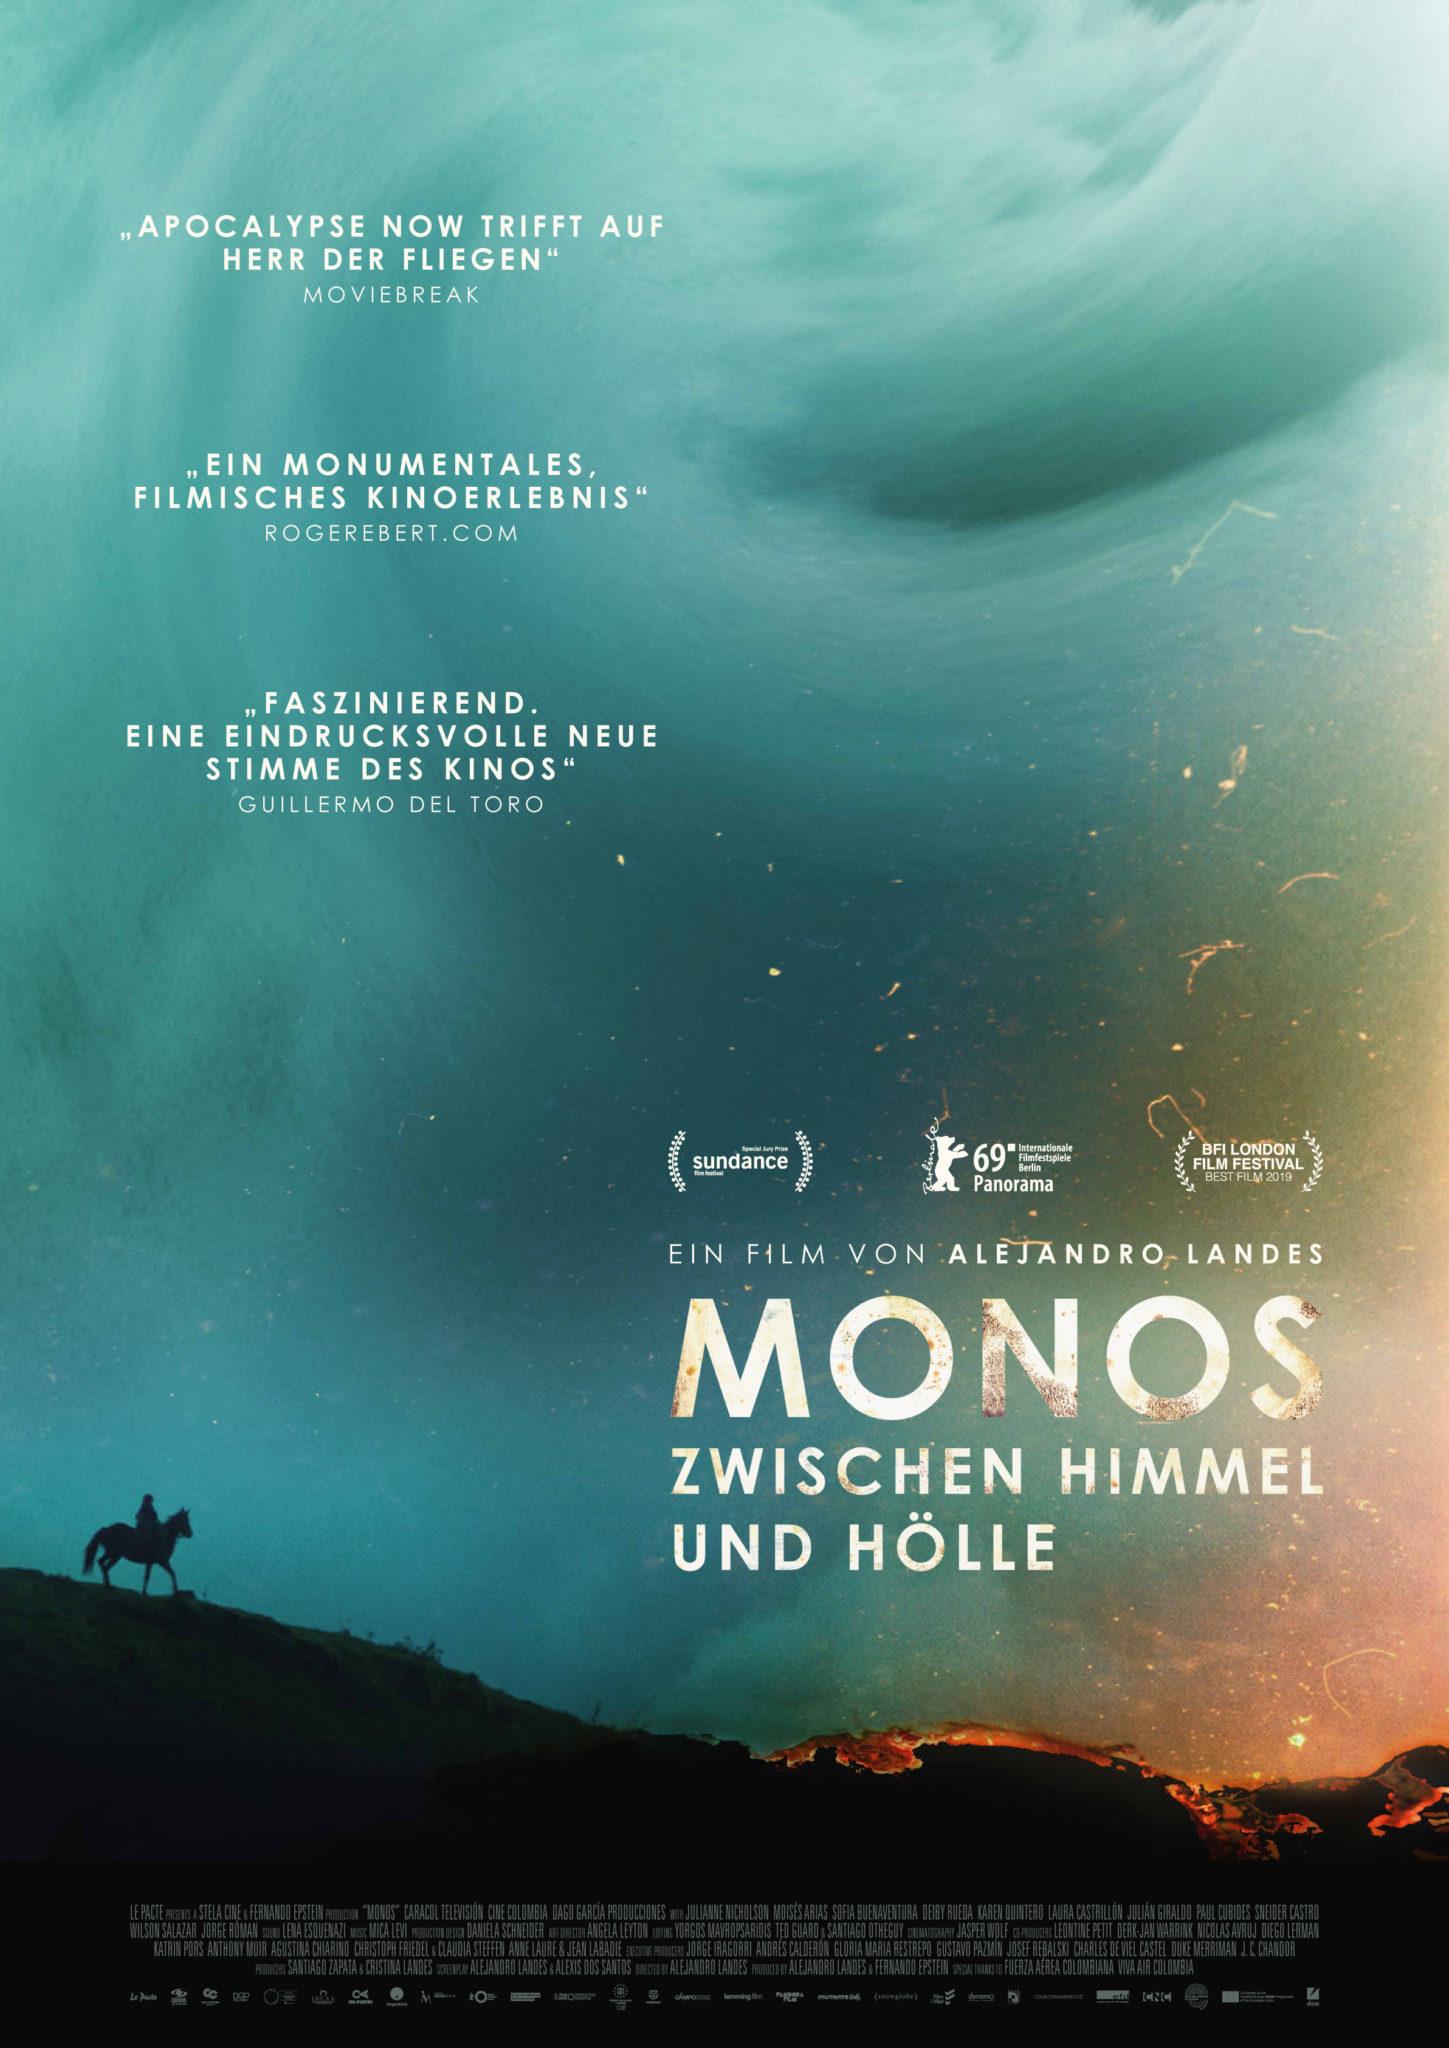 Das Poster zu Monos - Zwischen Himmel und Hölle zeigt bläulich-türkisene Wolkenberge hinter sprühenden Funken und einem auf einer Grünfläche stehenden Reiter mit Pferd.